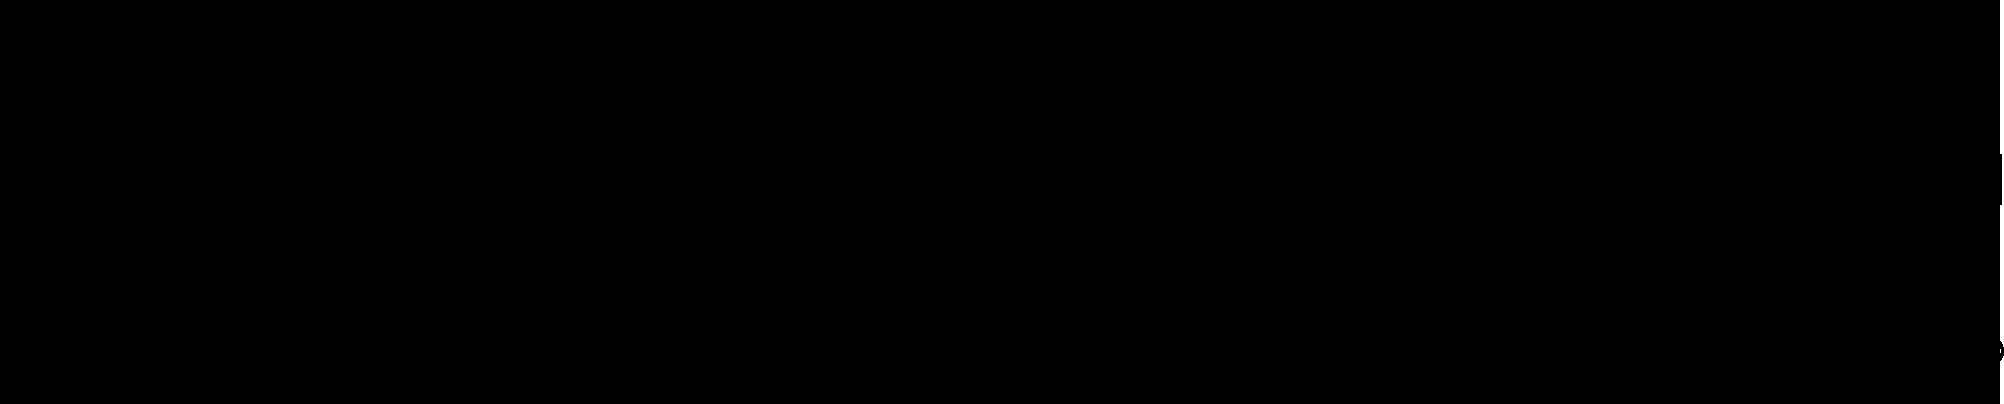 sailpoint-logo2.png